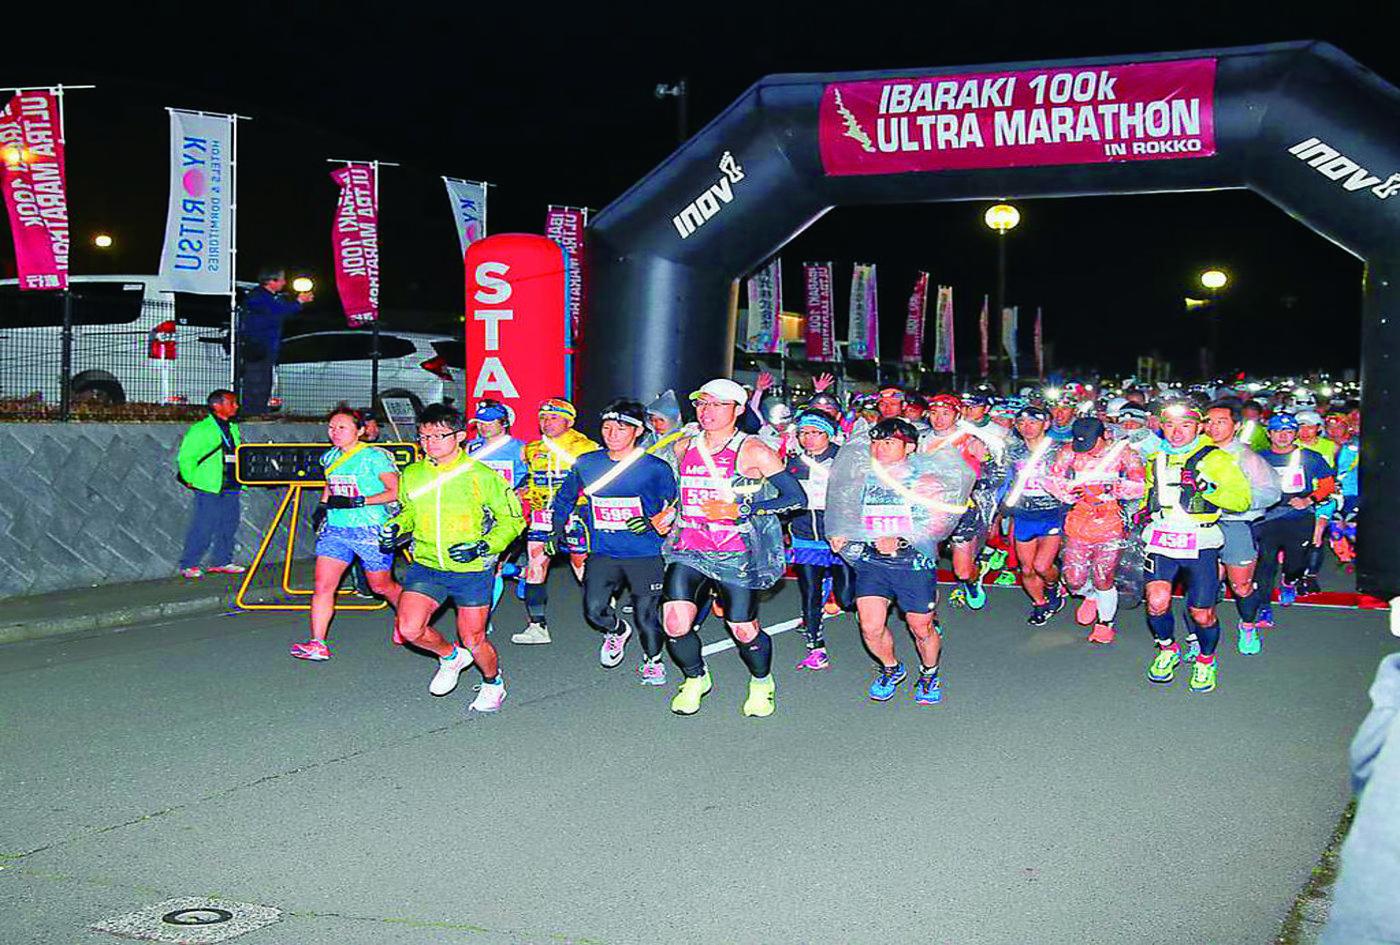 茨城100kウルトラマラソンin鹿行   茨城県